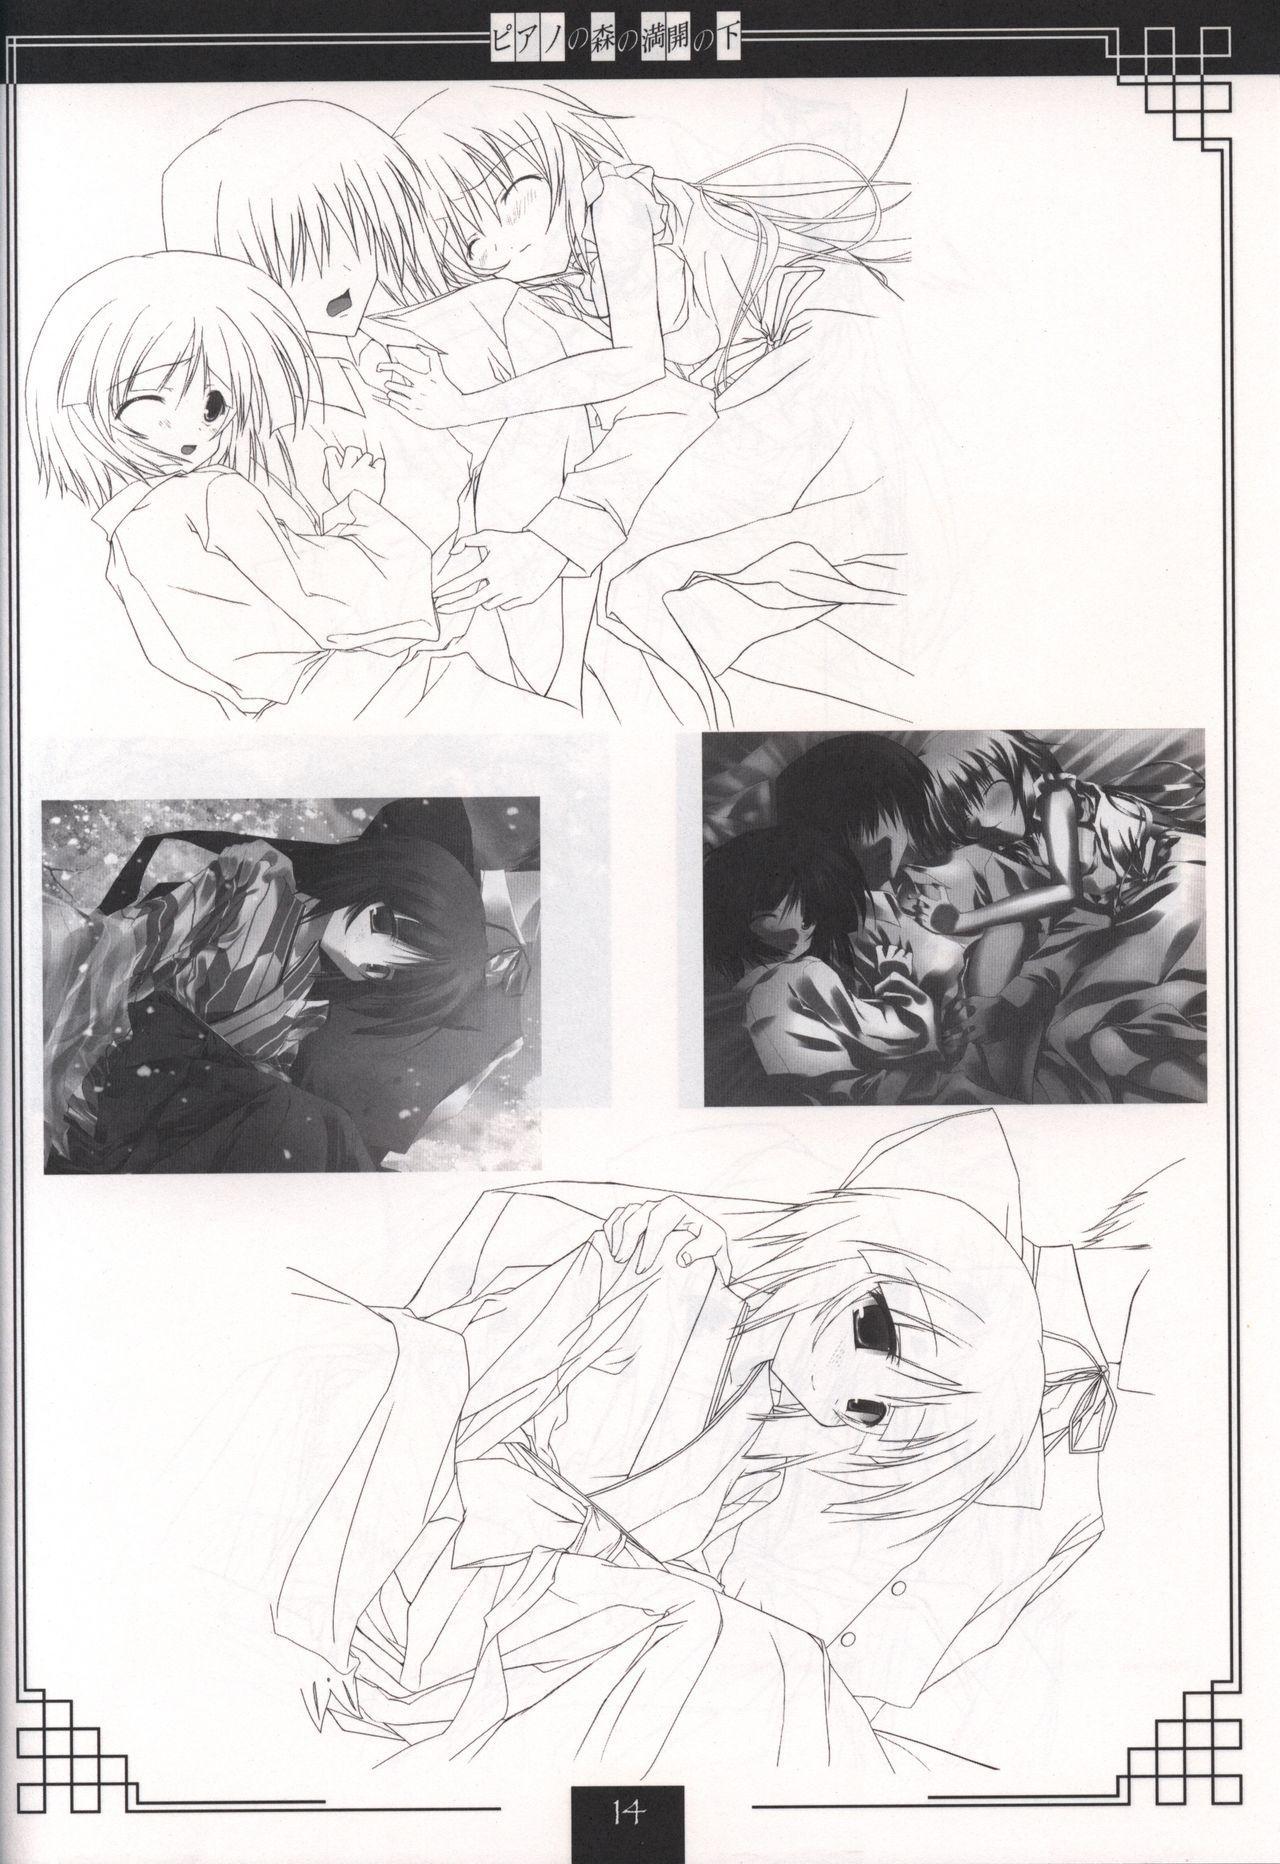 Piano no Mori no Mankai no Shita illustration art book 12